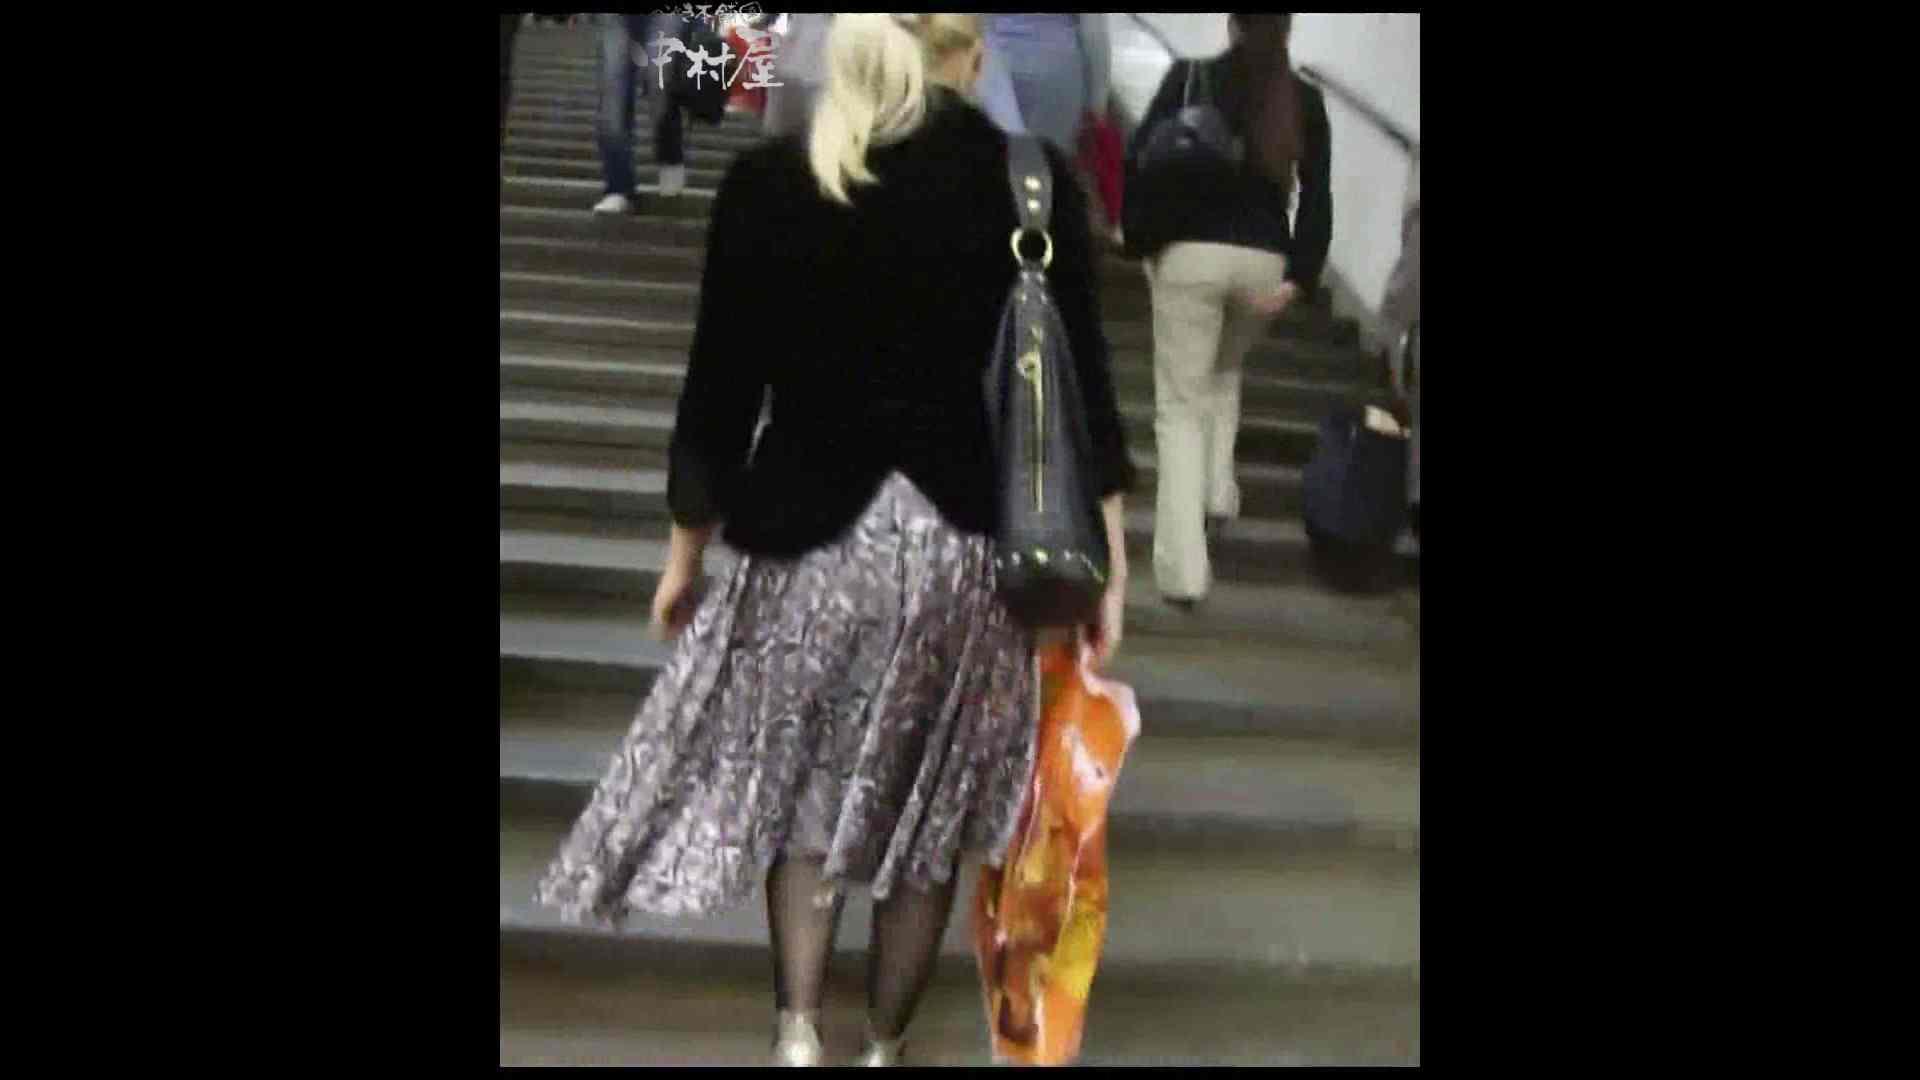 綺麗なモデルさんのスカート捲っちゃおう‼ vol13 お姉さん われめAV動画紹介 16連発 10